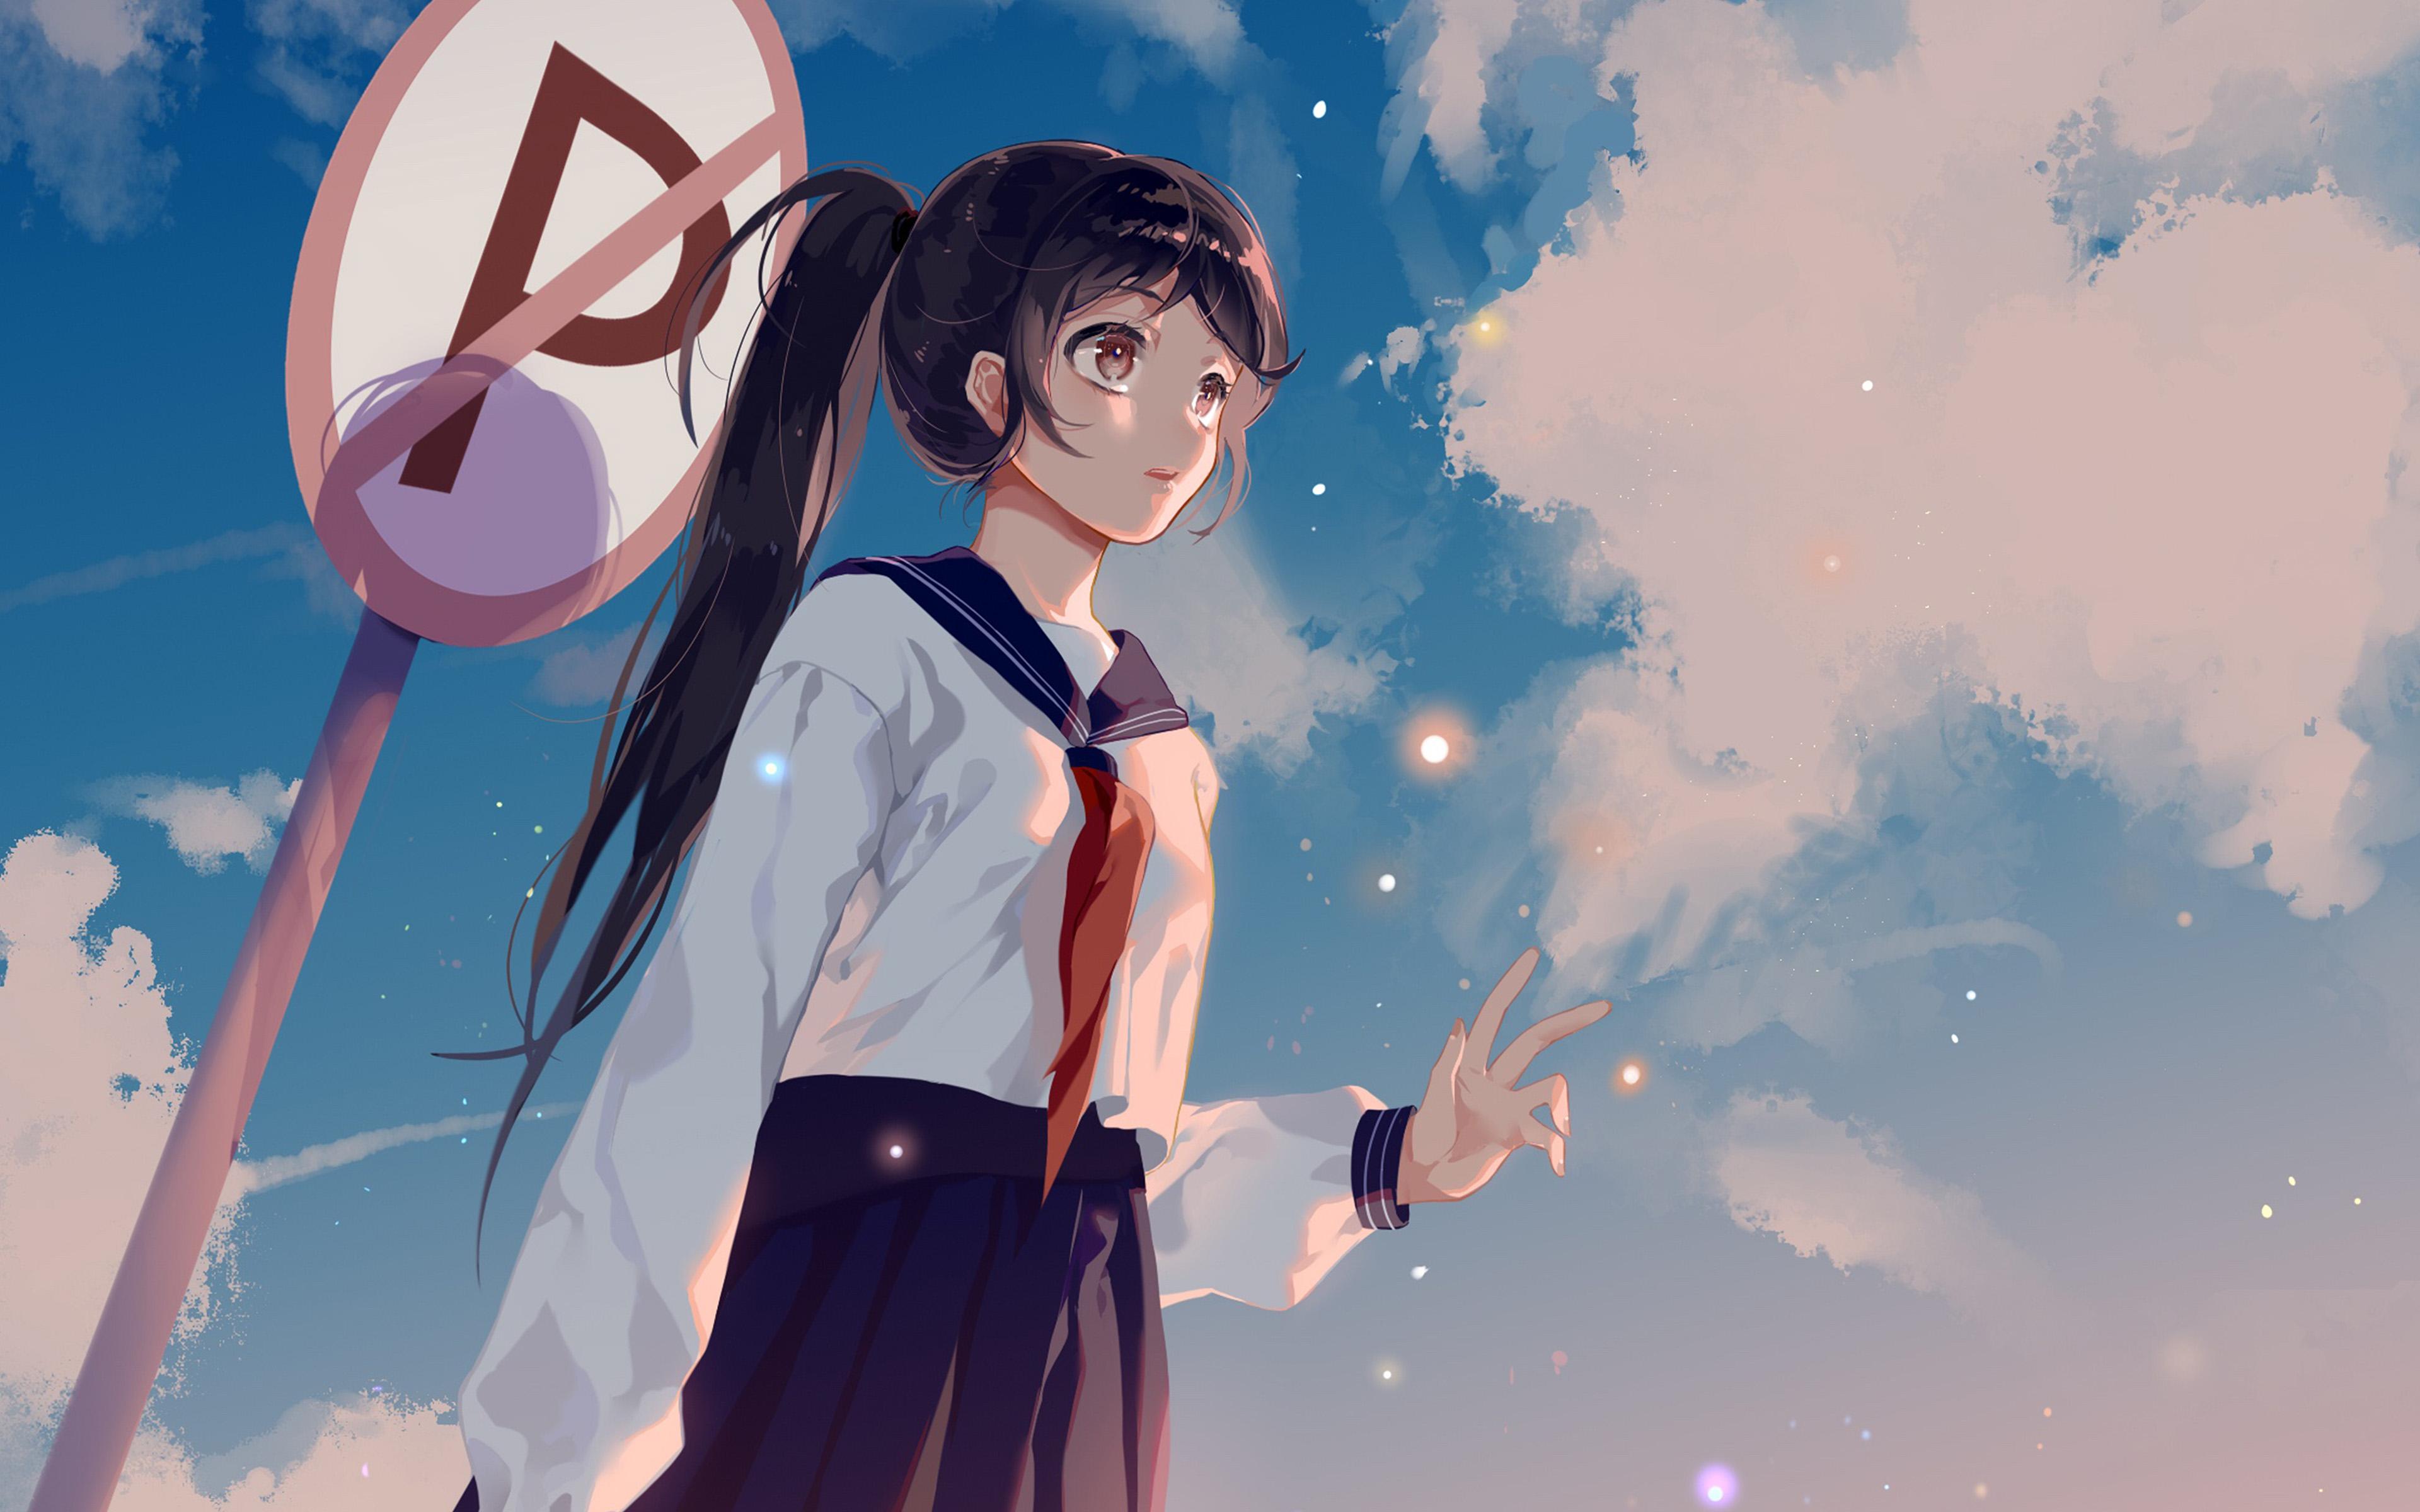 デスクトップ壁紙 アニメの女の子 女子高生 空 3840x2400